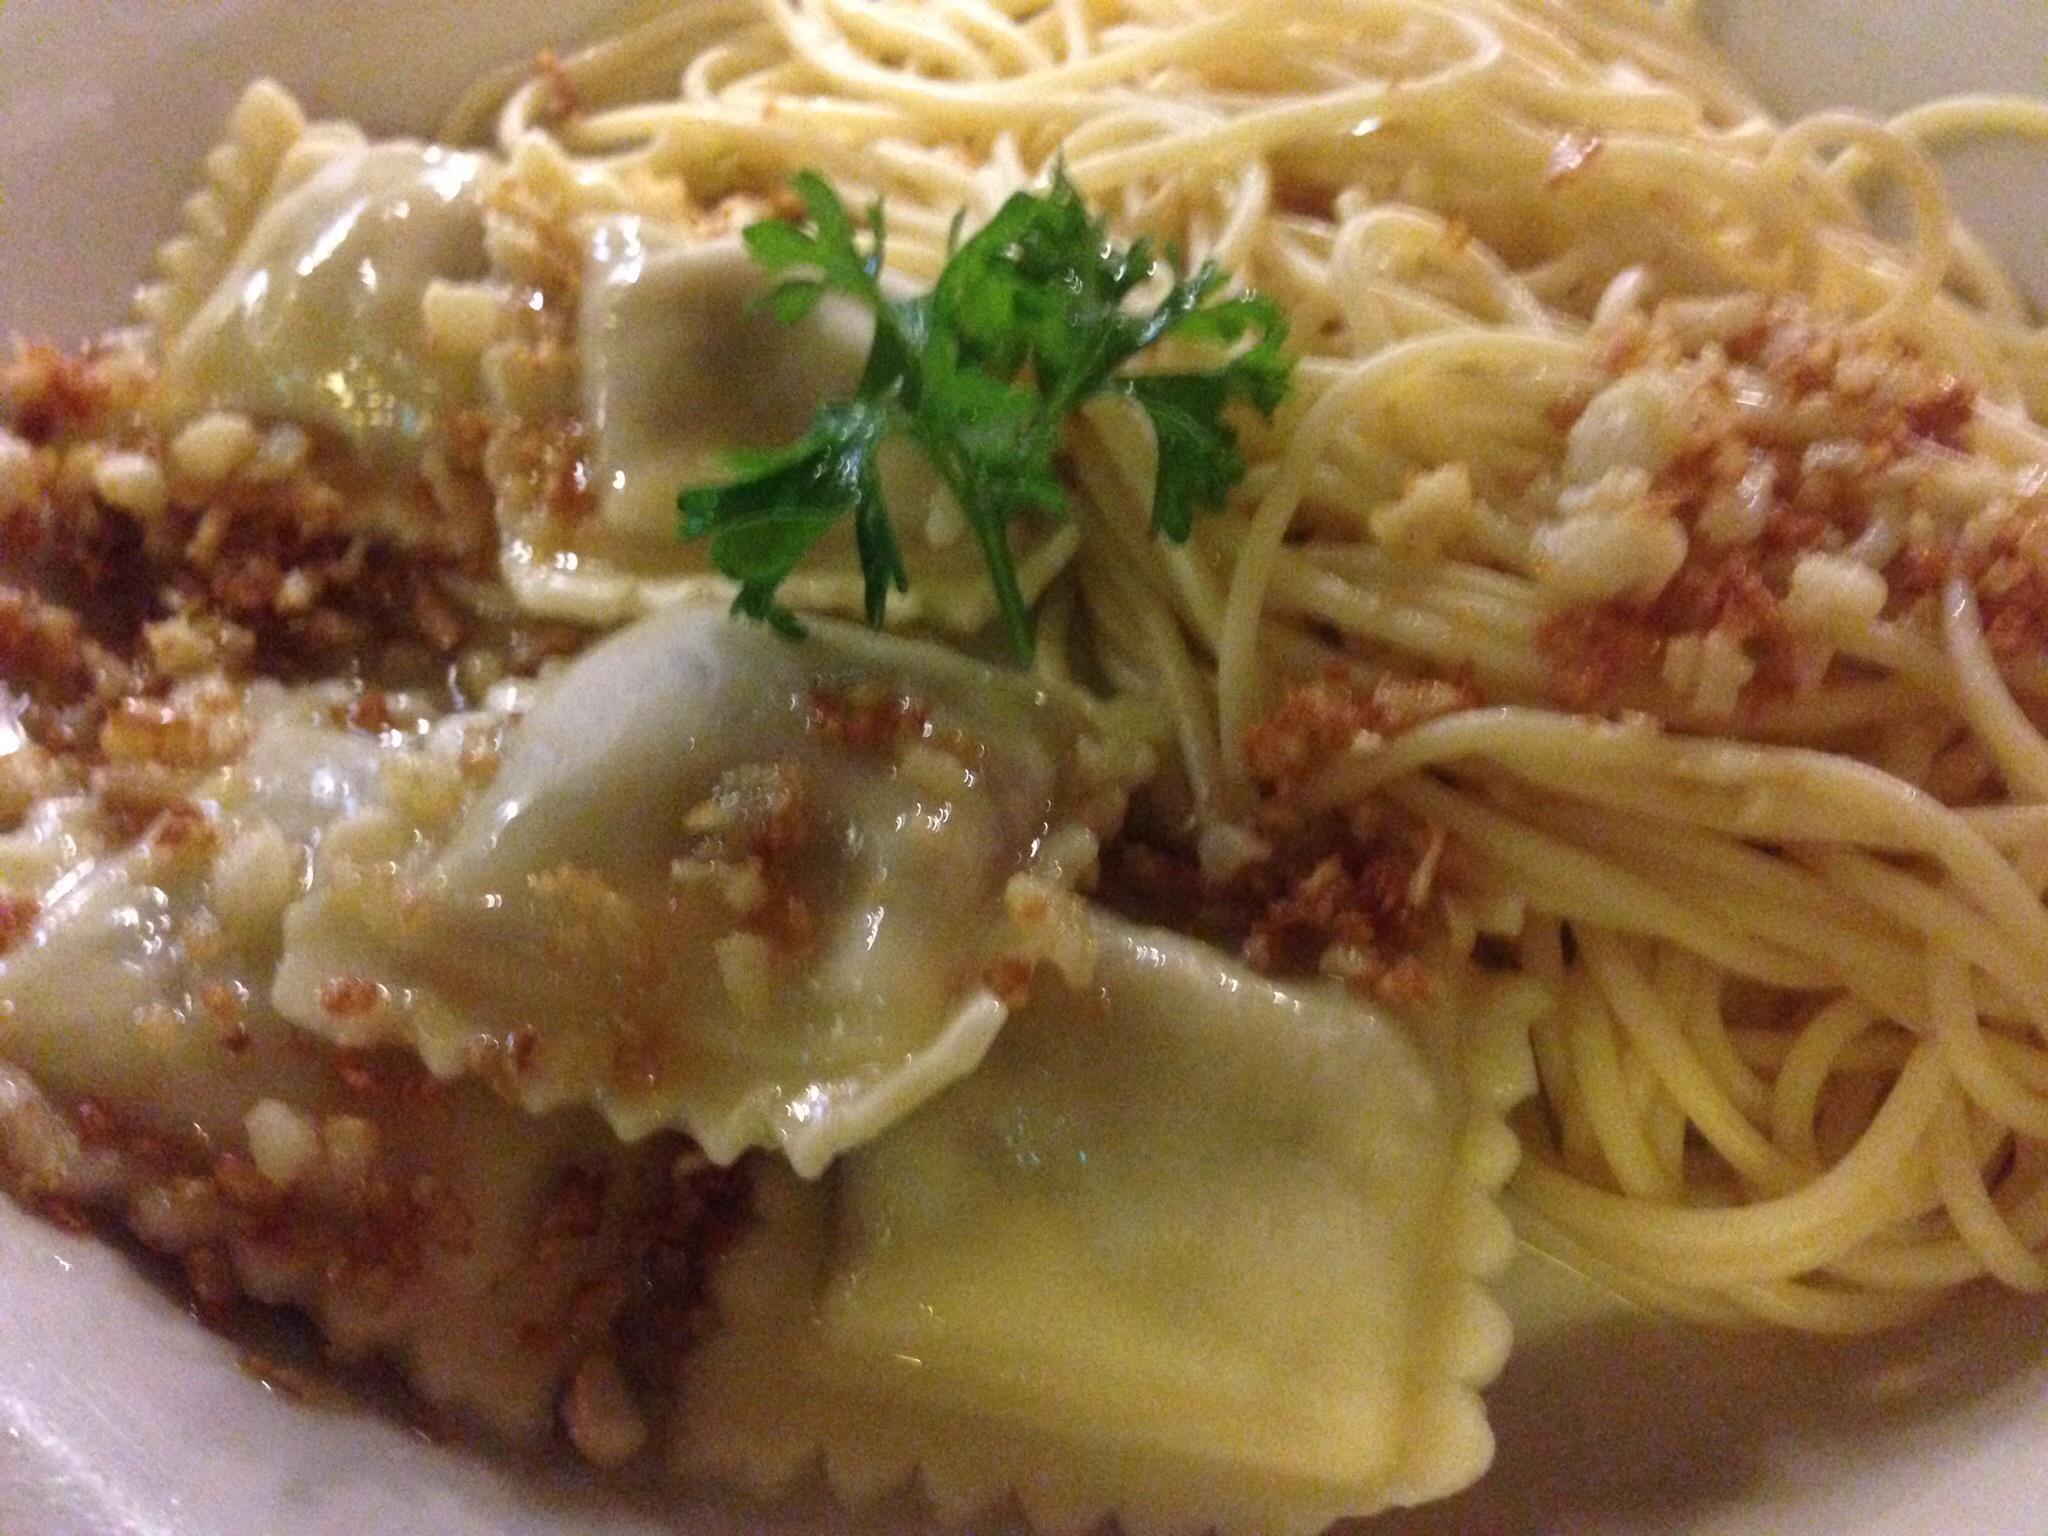 In Garlic & Oil at Antonio's Pizzeria & Italian Restaurant